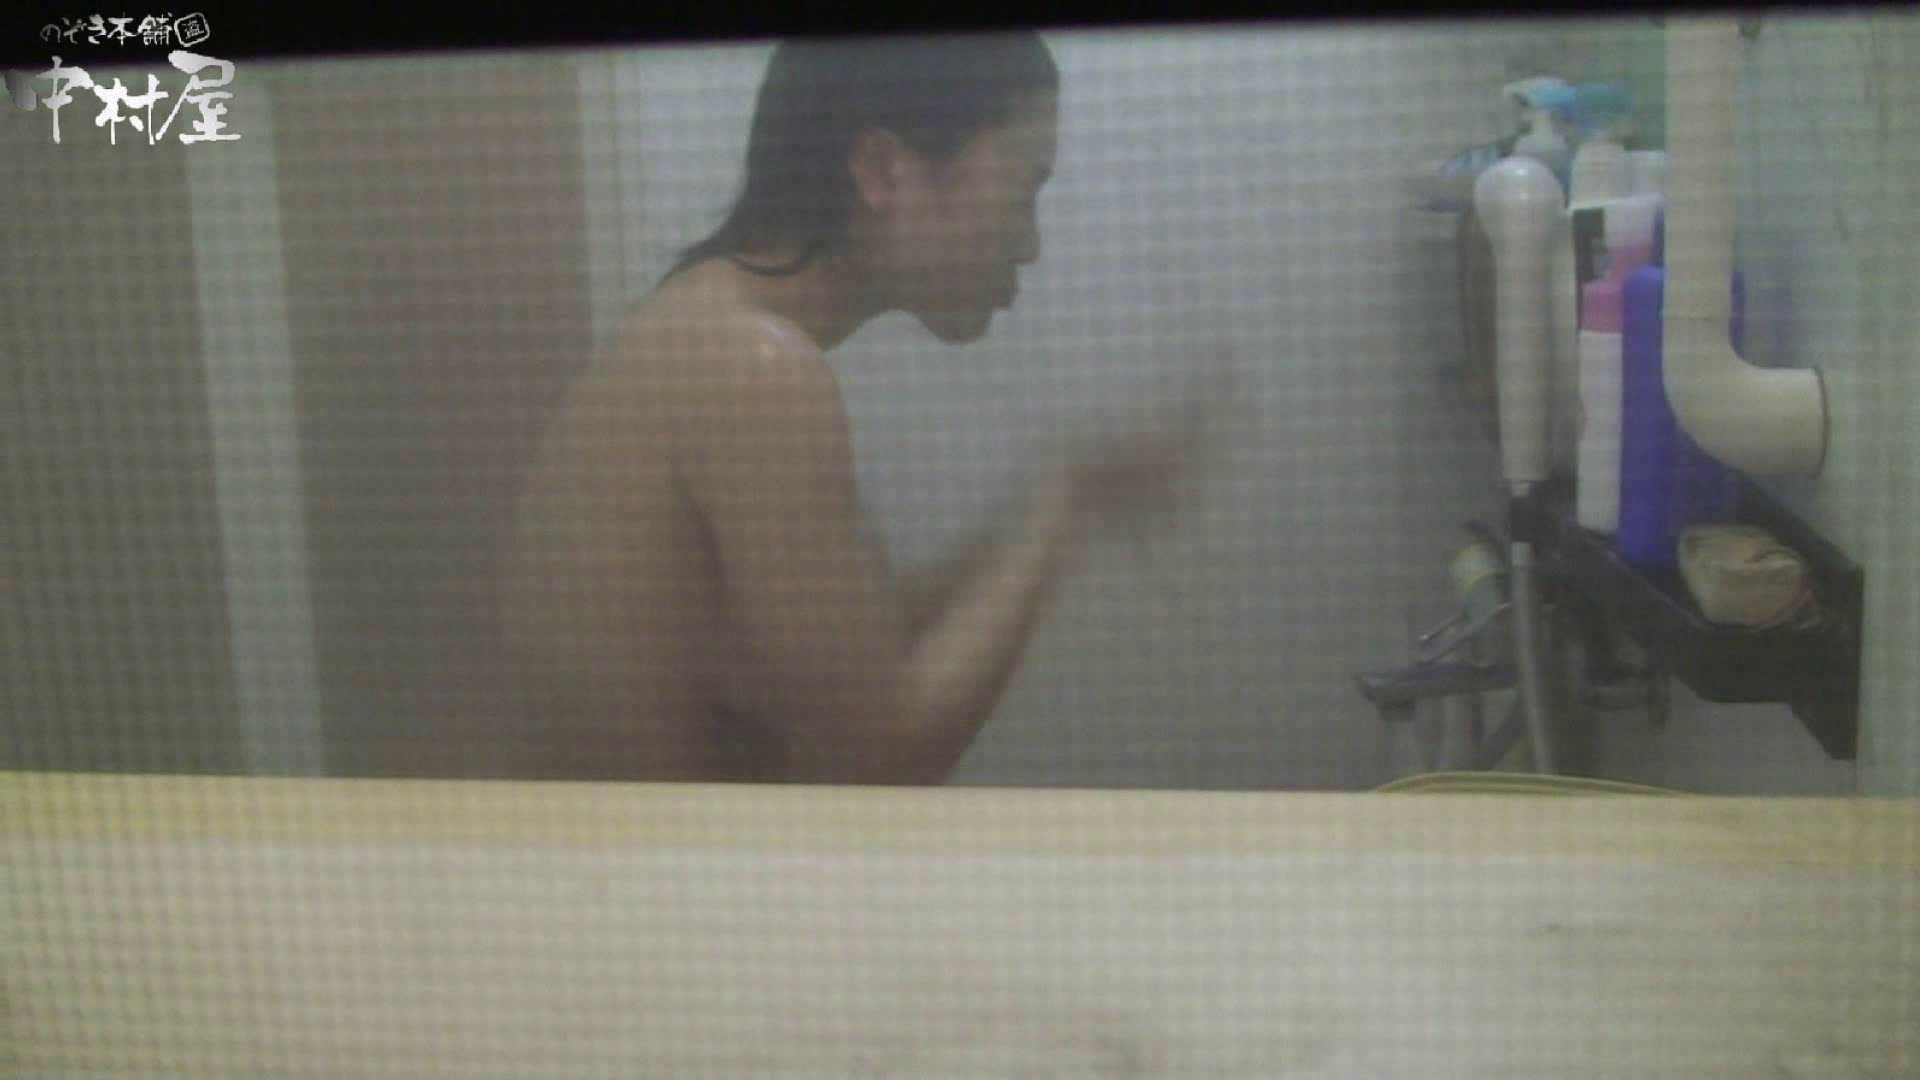 民家風呂専門盗撮師の超危険映像 vol.027 盗撮師作品 盗撮動画紹介 84pic 80